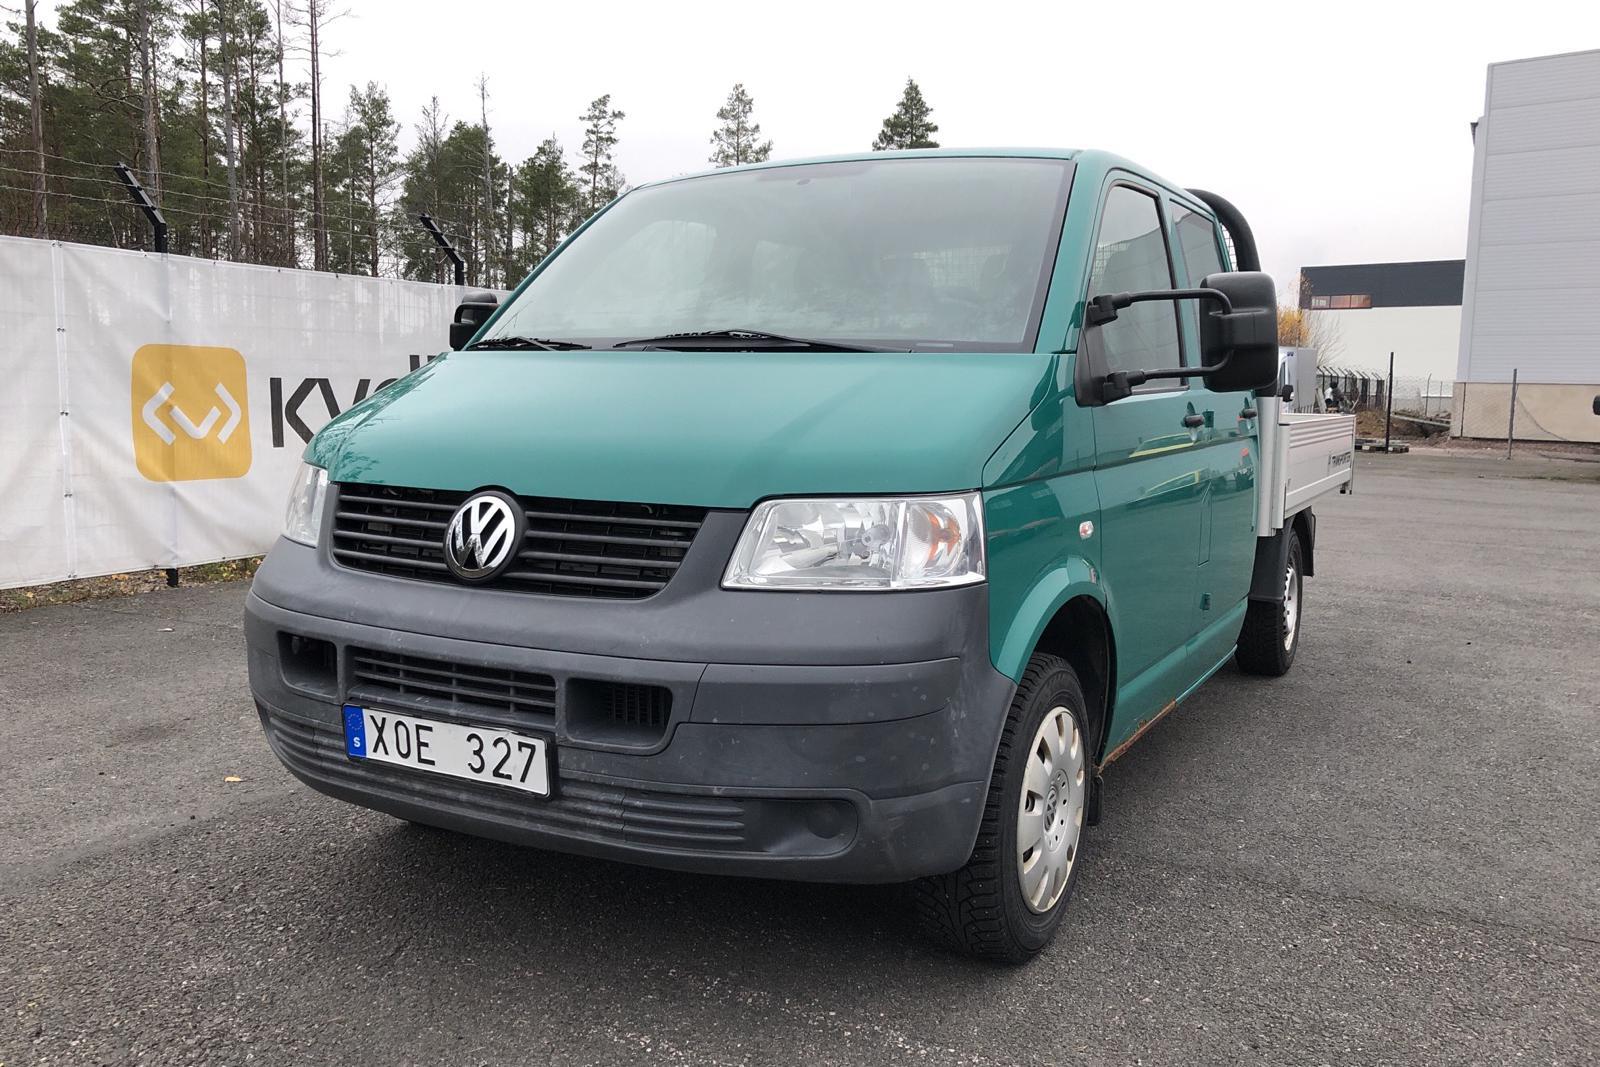 VW Transporter T5 1.9 TDI Pickup (102hk) - 12 199 mil - Manuell - grön - 2009